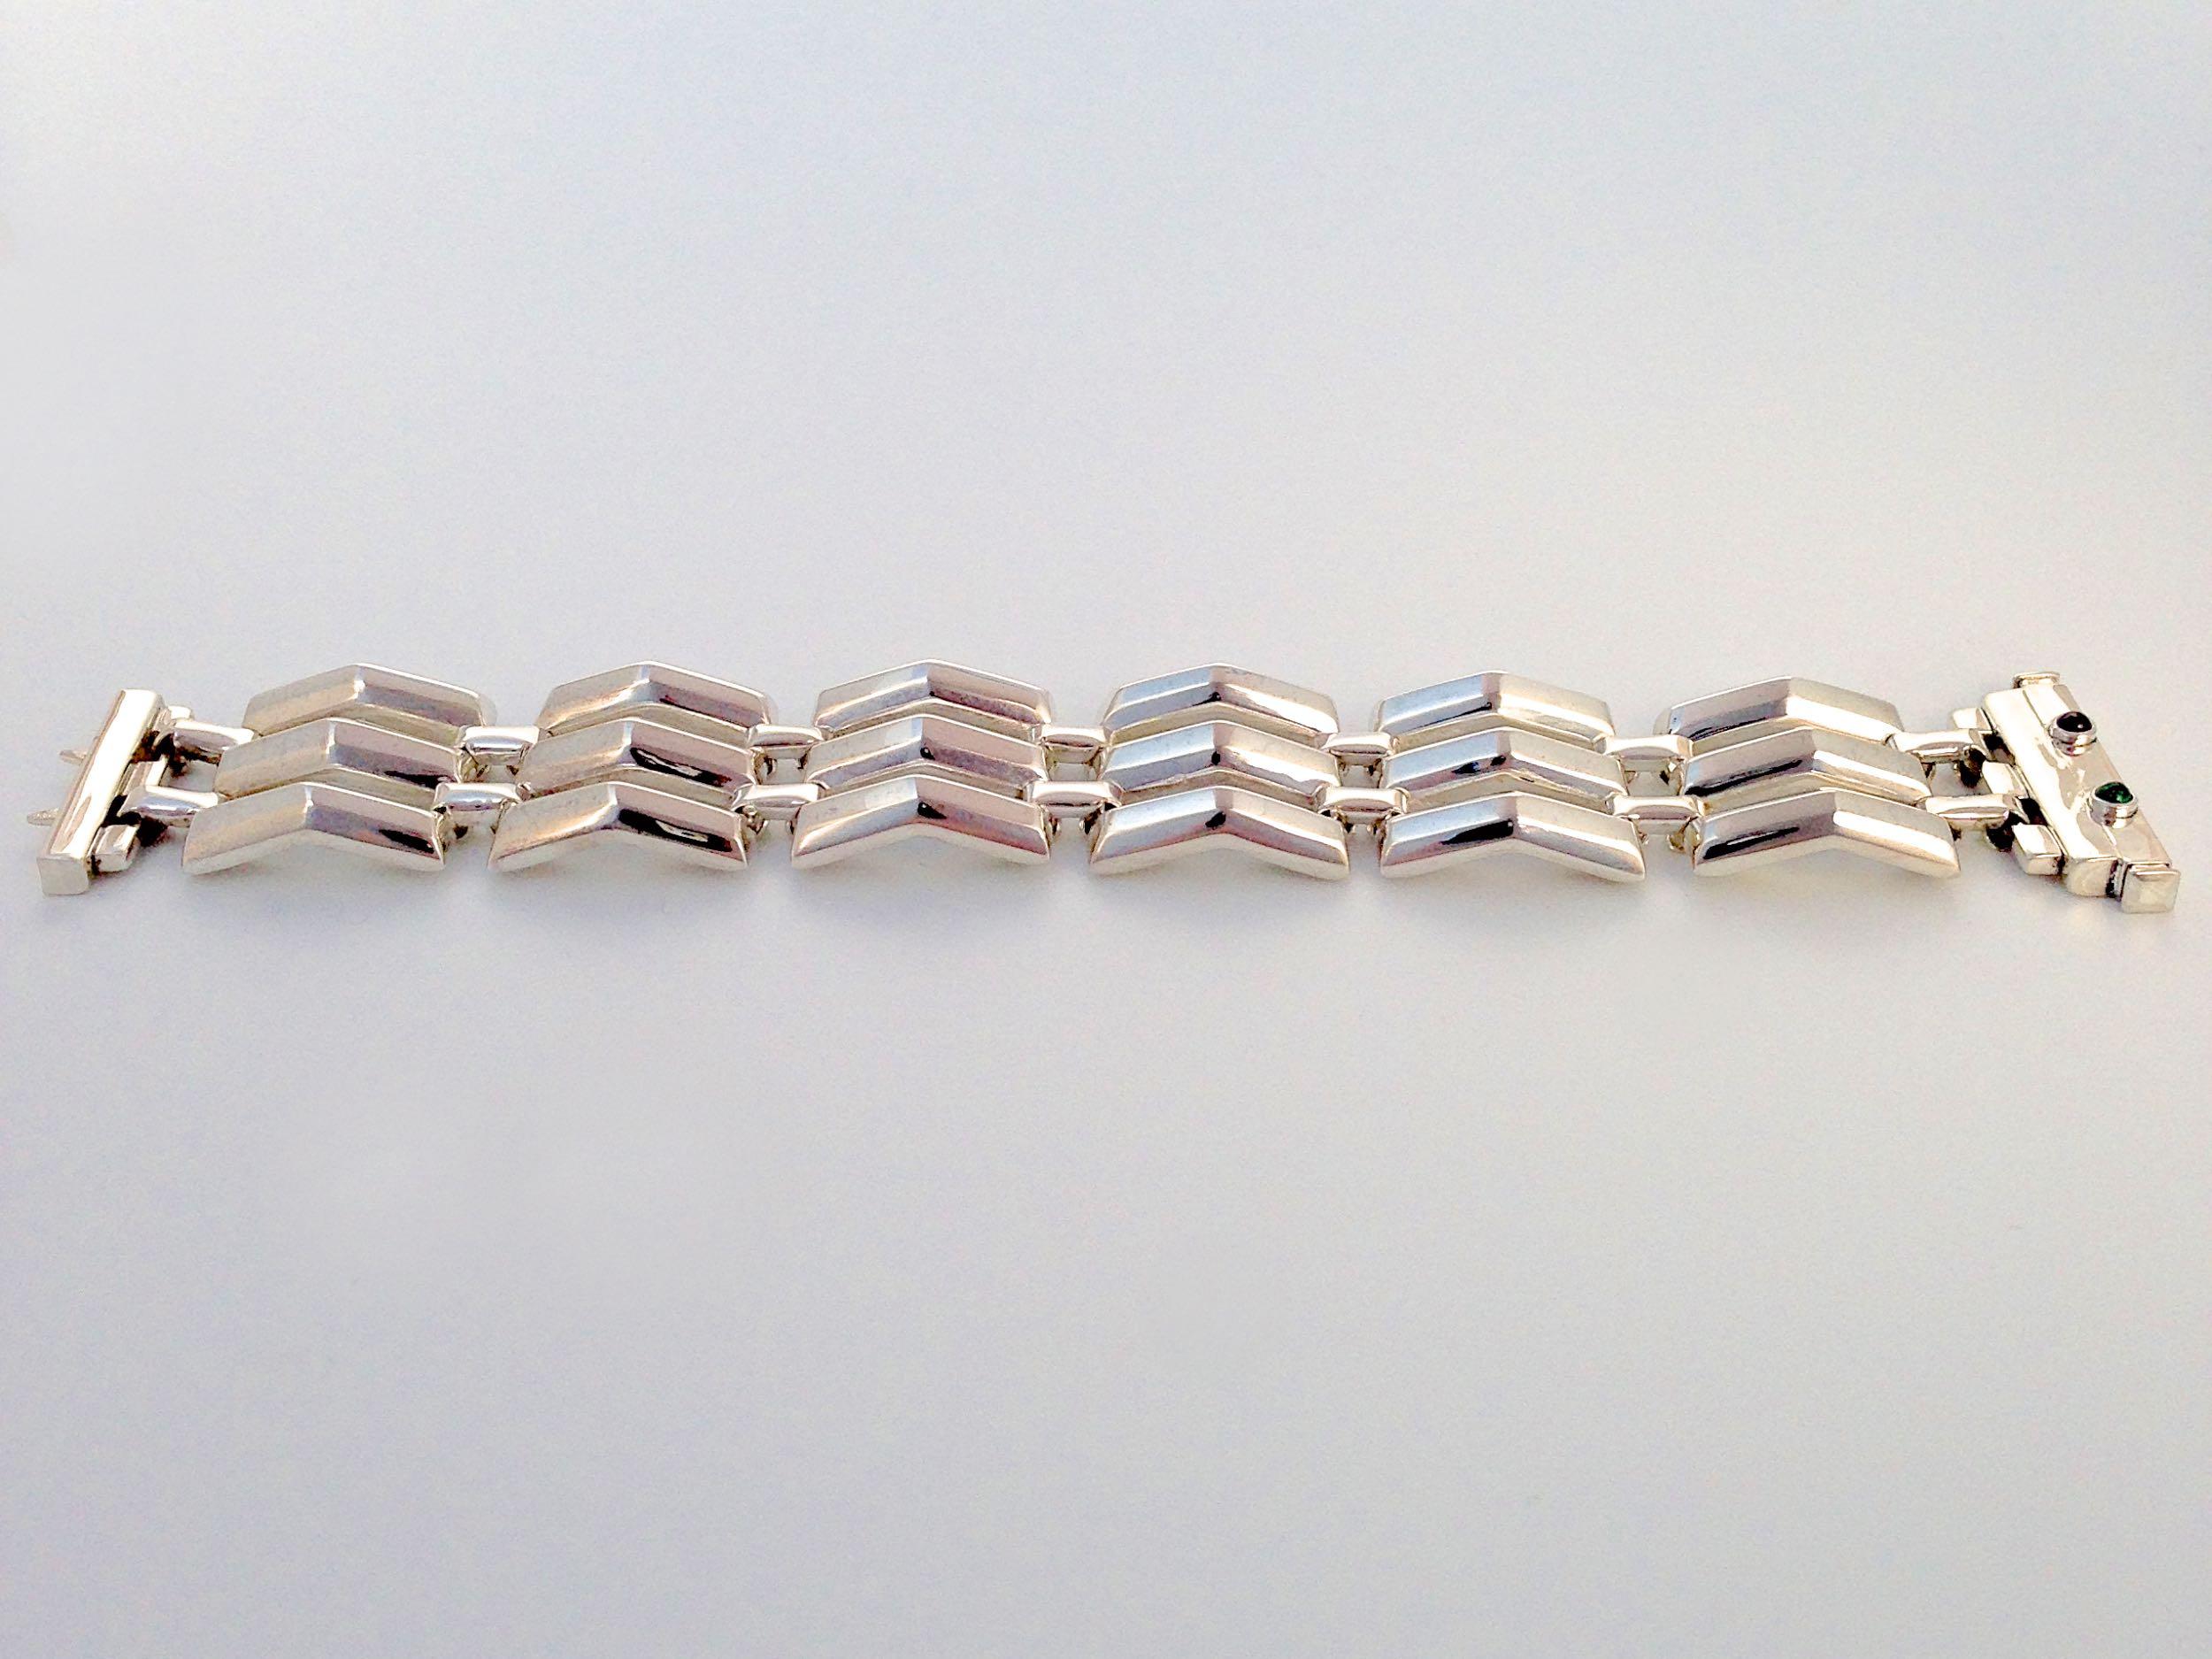 The finished bracelet - all sterling silver with bezel set gems